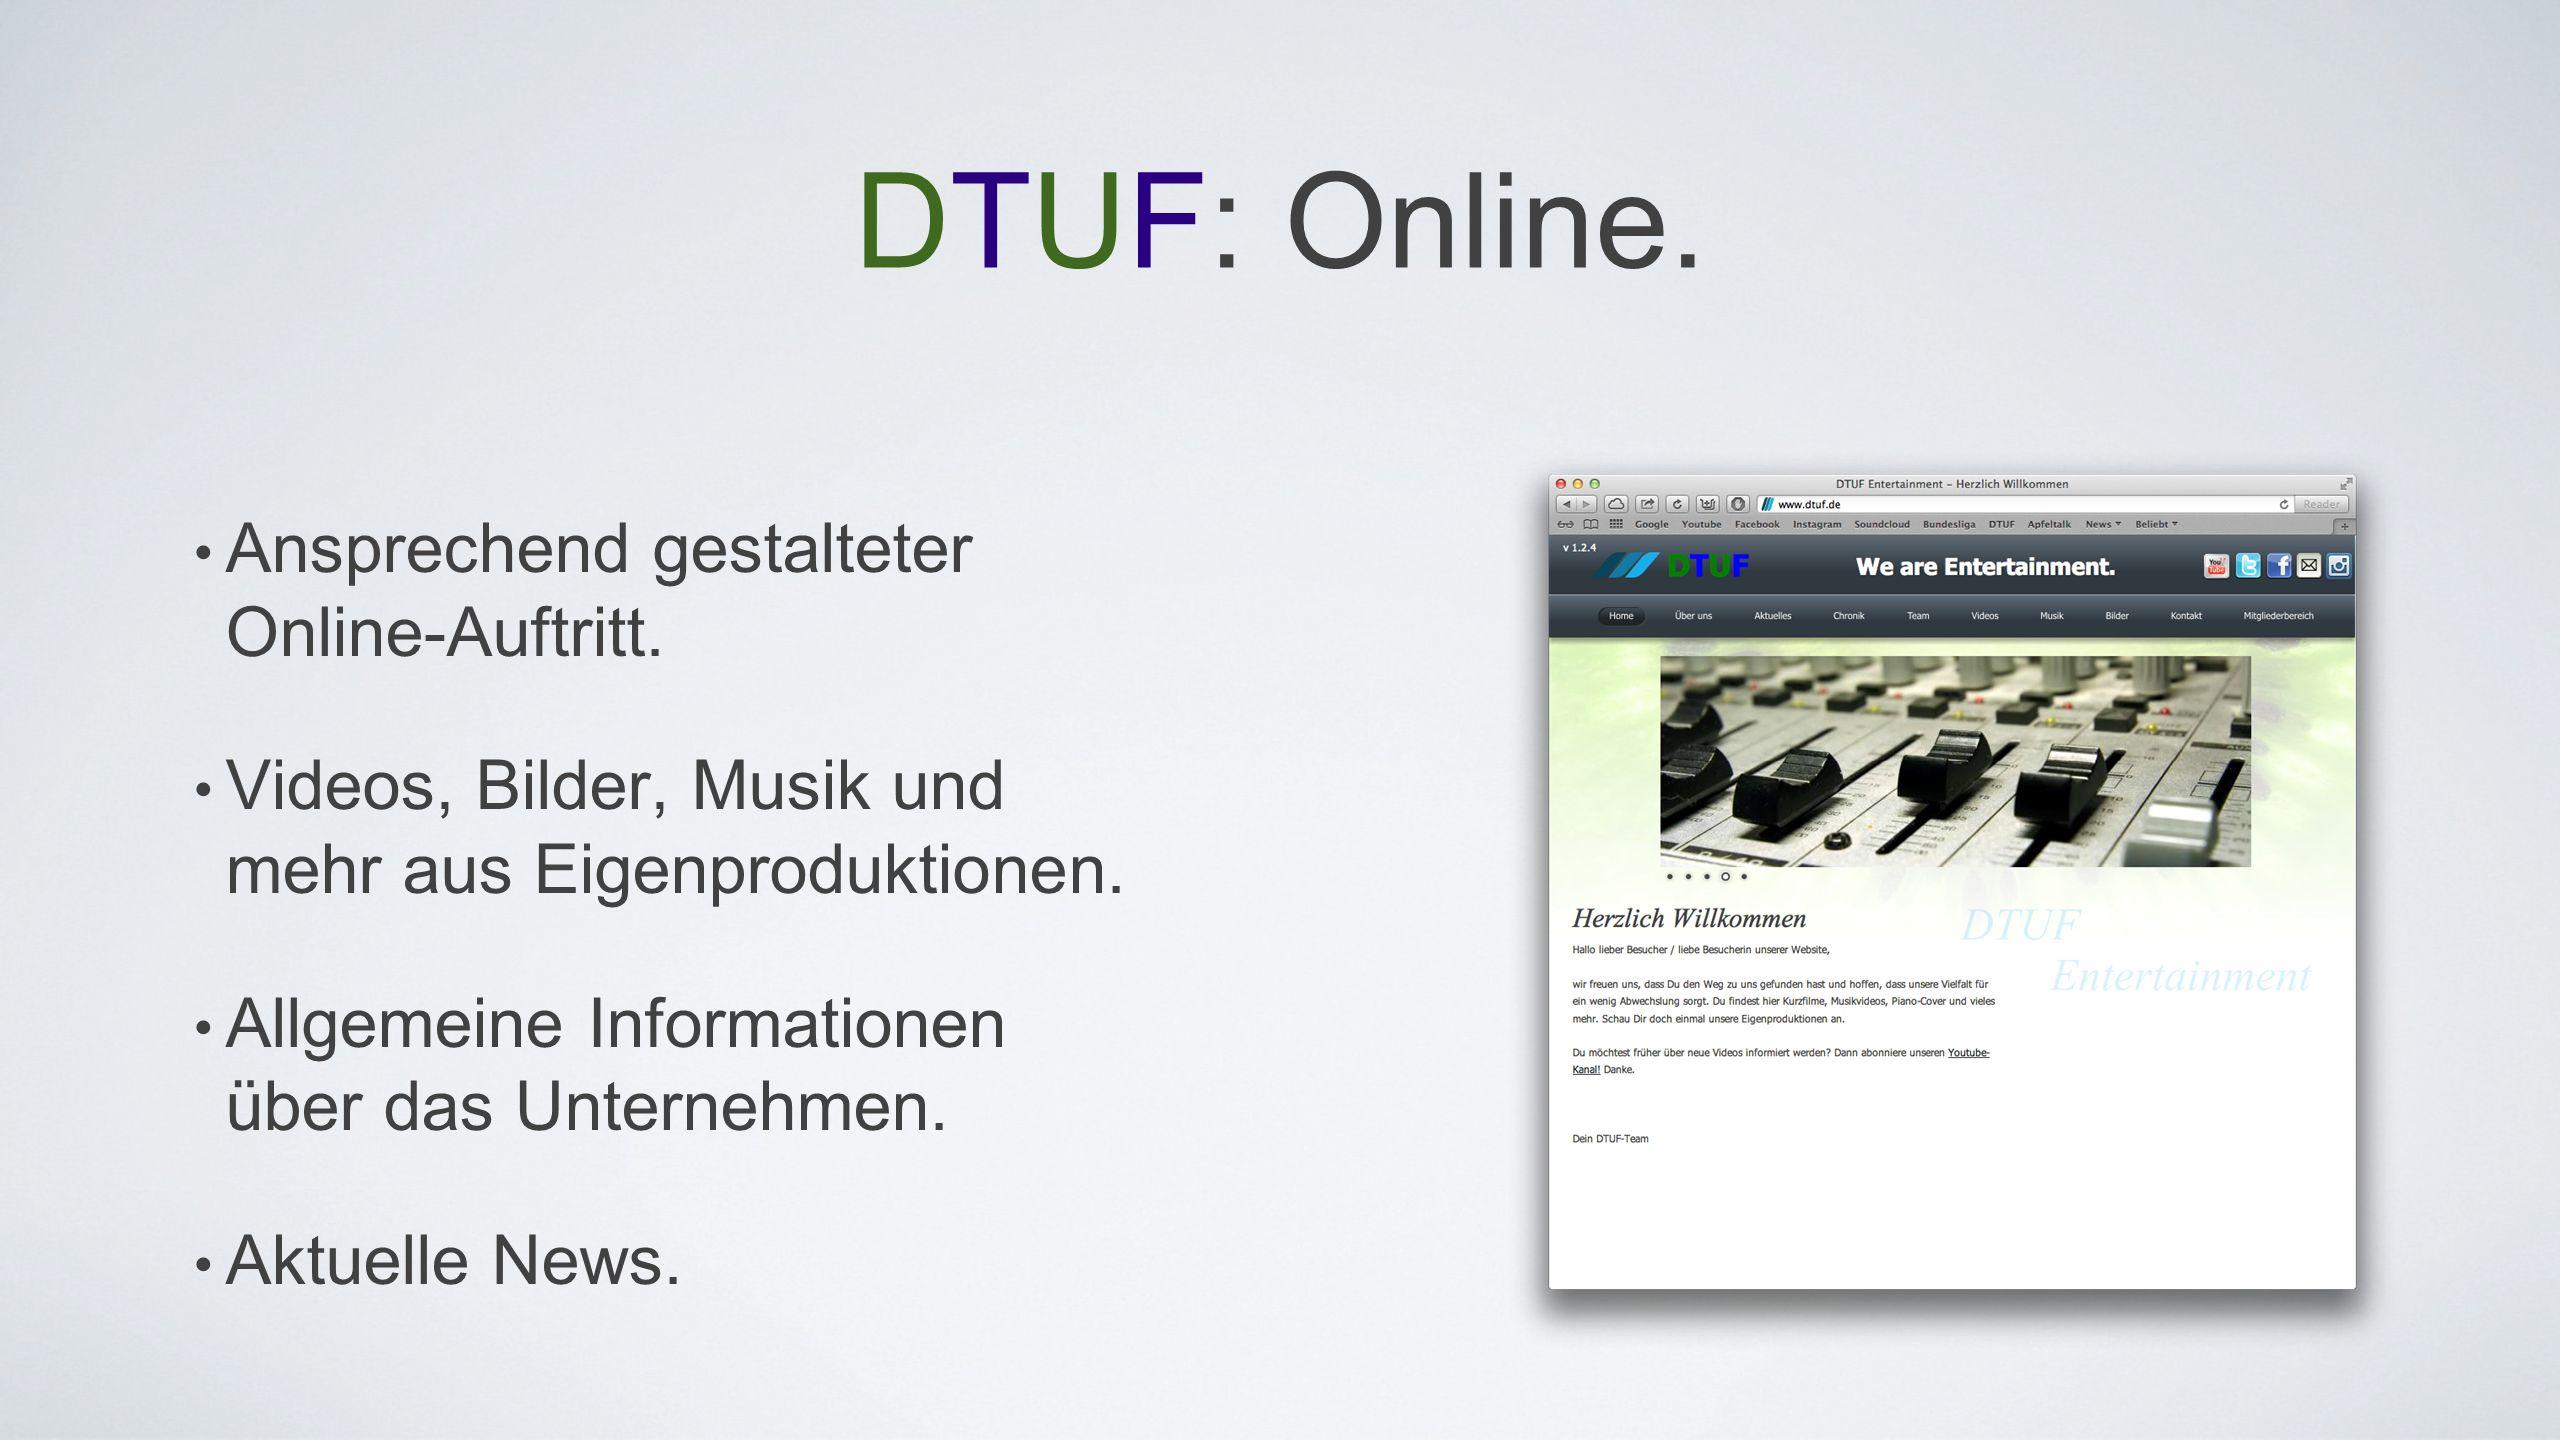 DTUF: Online. Ansprechend gestalteter Online-Auftritt. Videos, Bilder, Musik und mehr aus Eigenproduktionen. Allgemeine Informationen über das Unterne